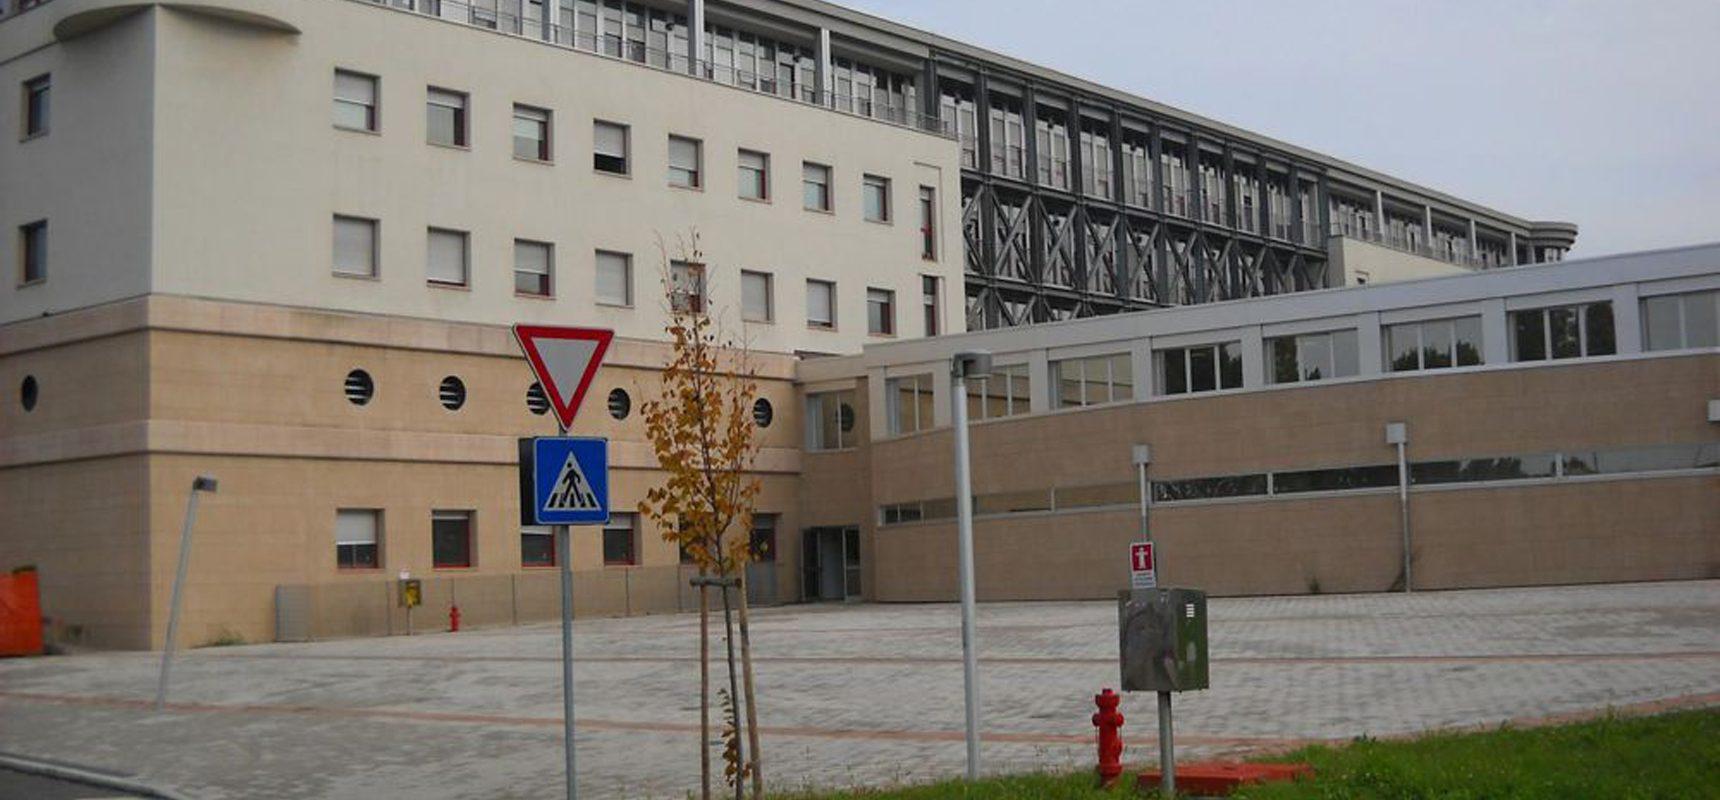 Cinquemila-firme-per-tutelare-l-ospedale-di-Dolo_articleimage XL